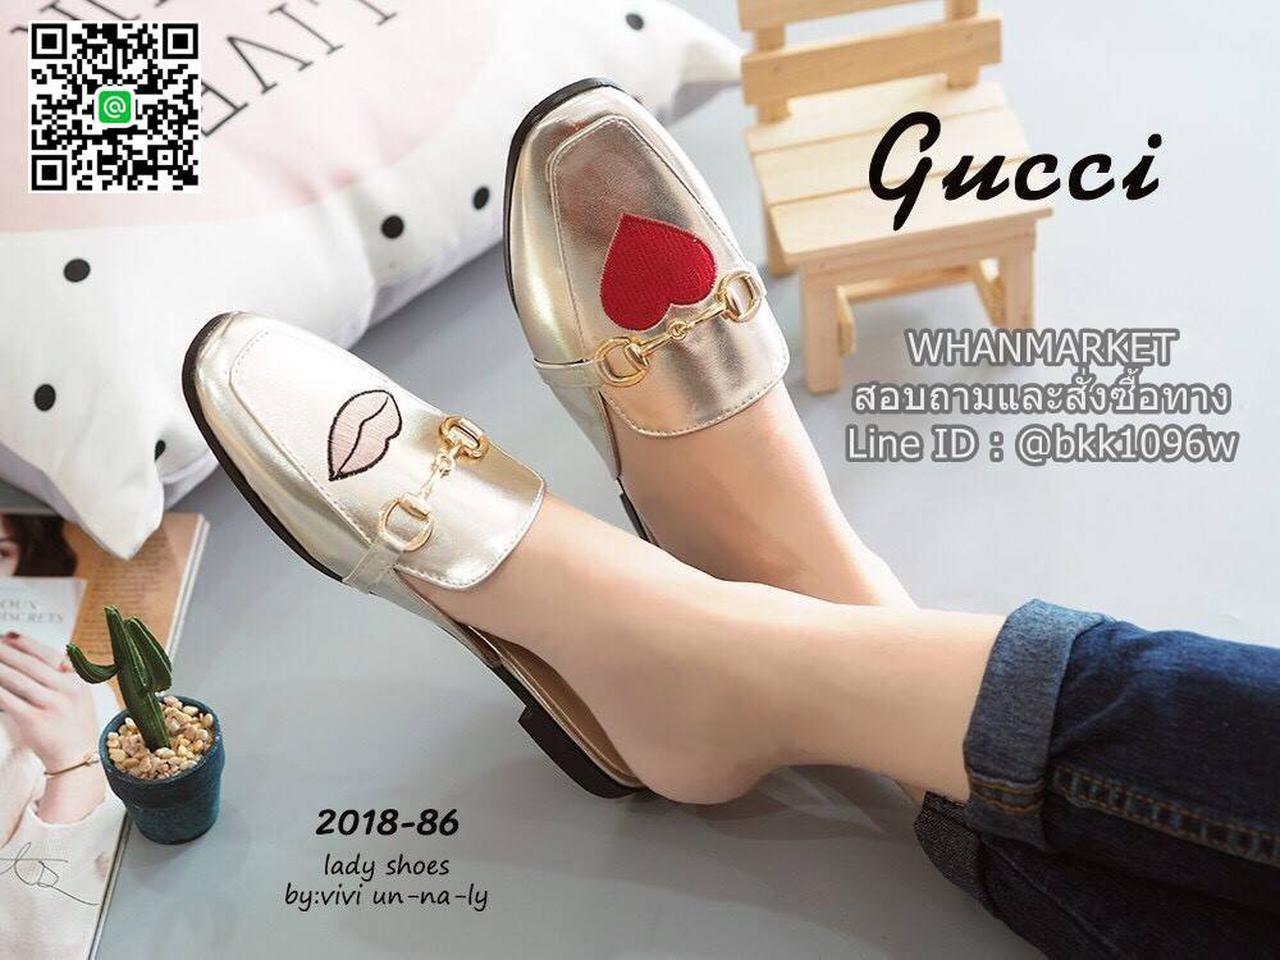 รองเท้าแตะหัวตัด งานเปิดส้น งานstyle Gucci ปักลายรูปปากและหัวใจ สุดน่าร๊าก รูปที่ 2